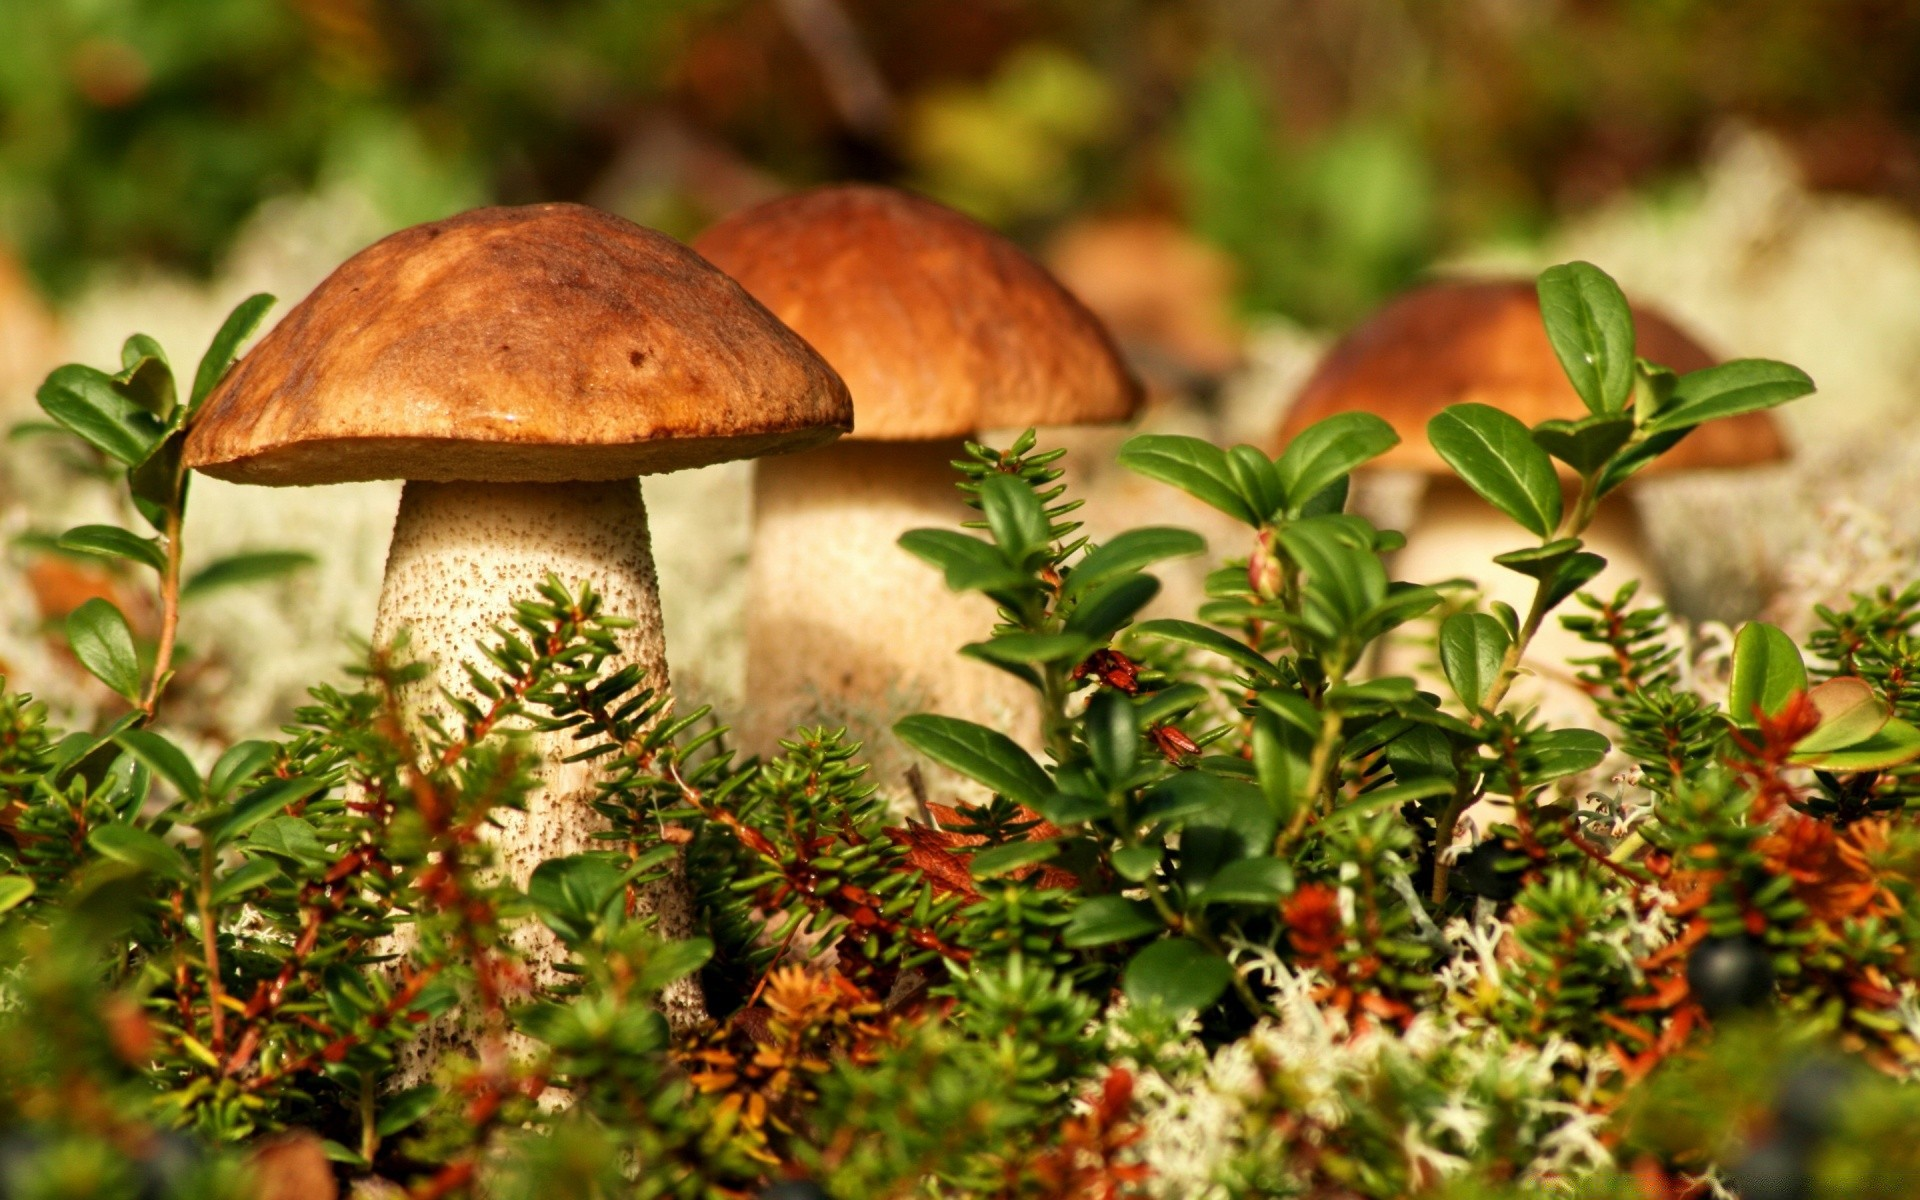 обои на рабочий стол август природа лес цветы теме древнейшего сельского